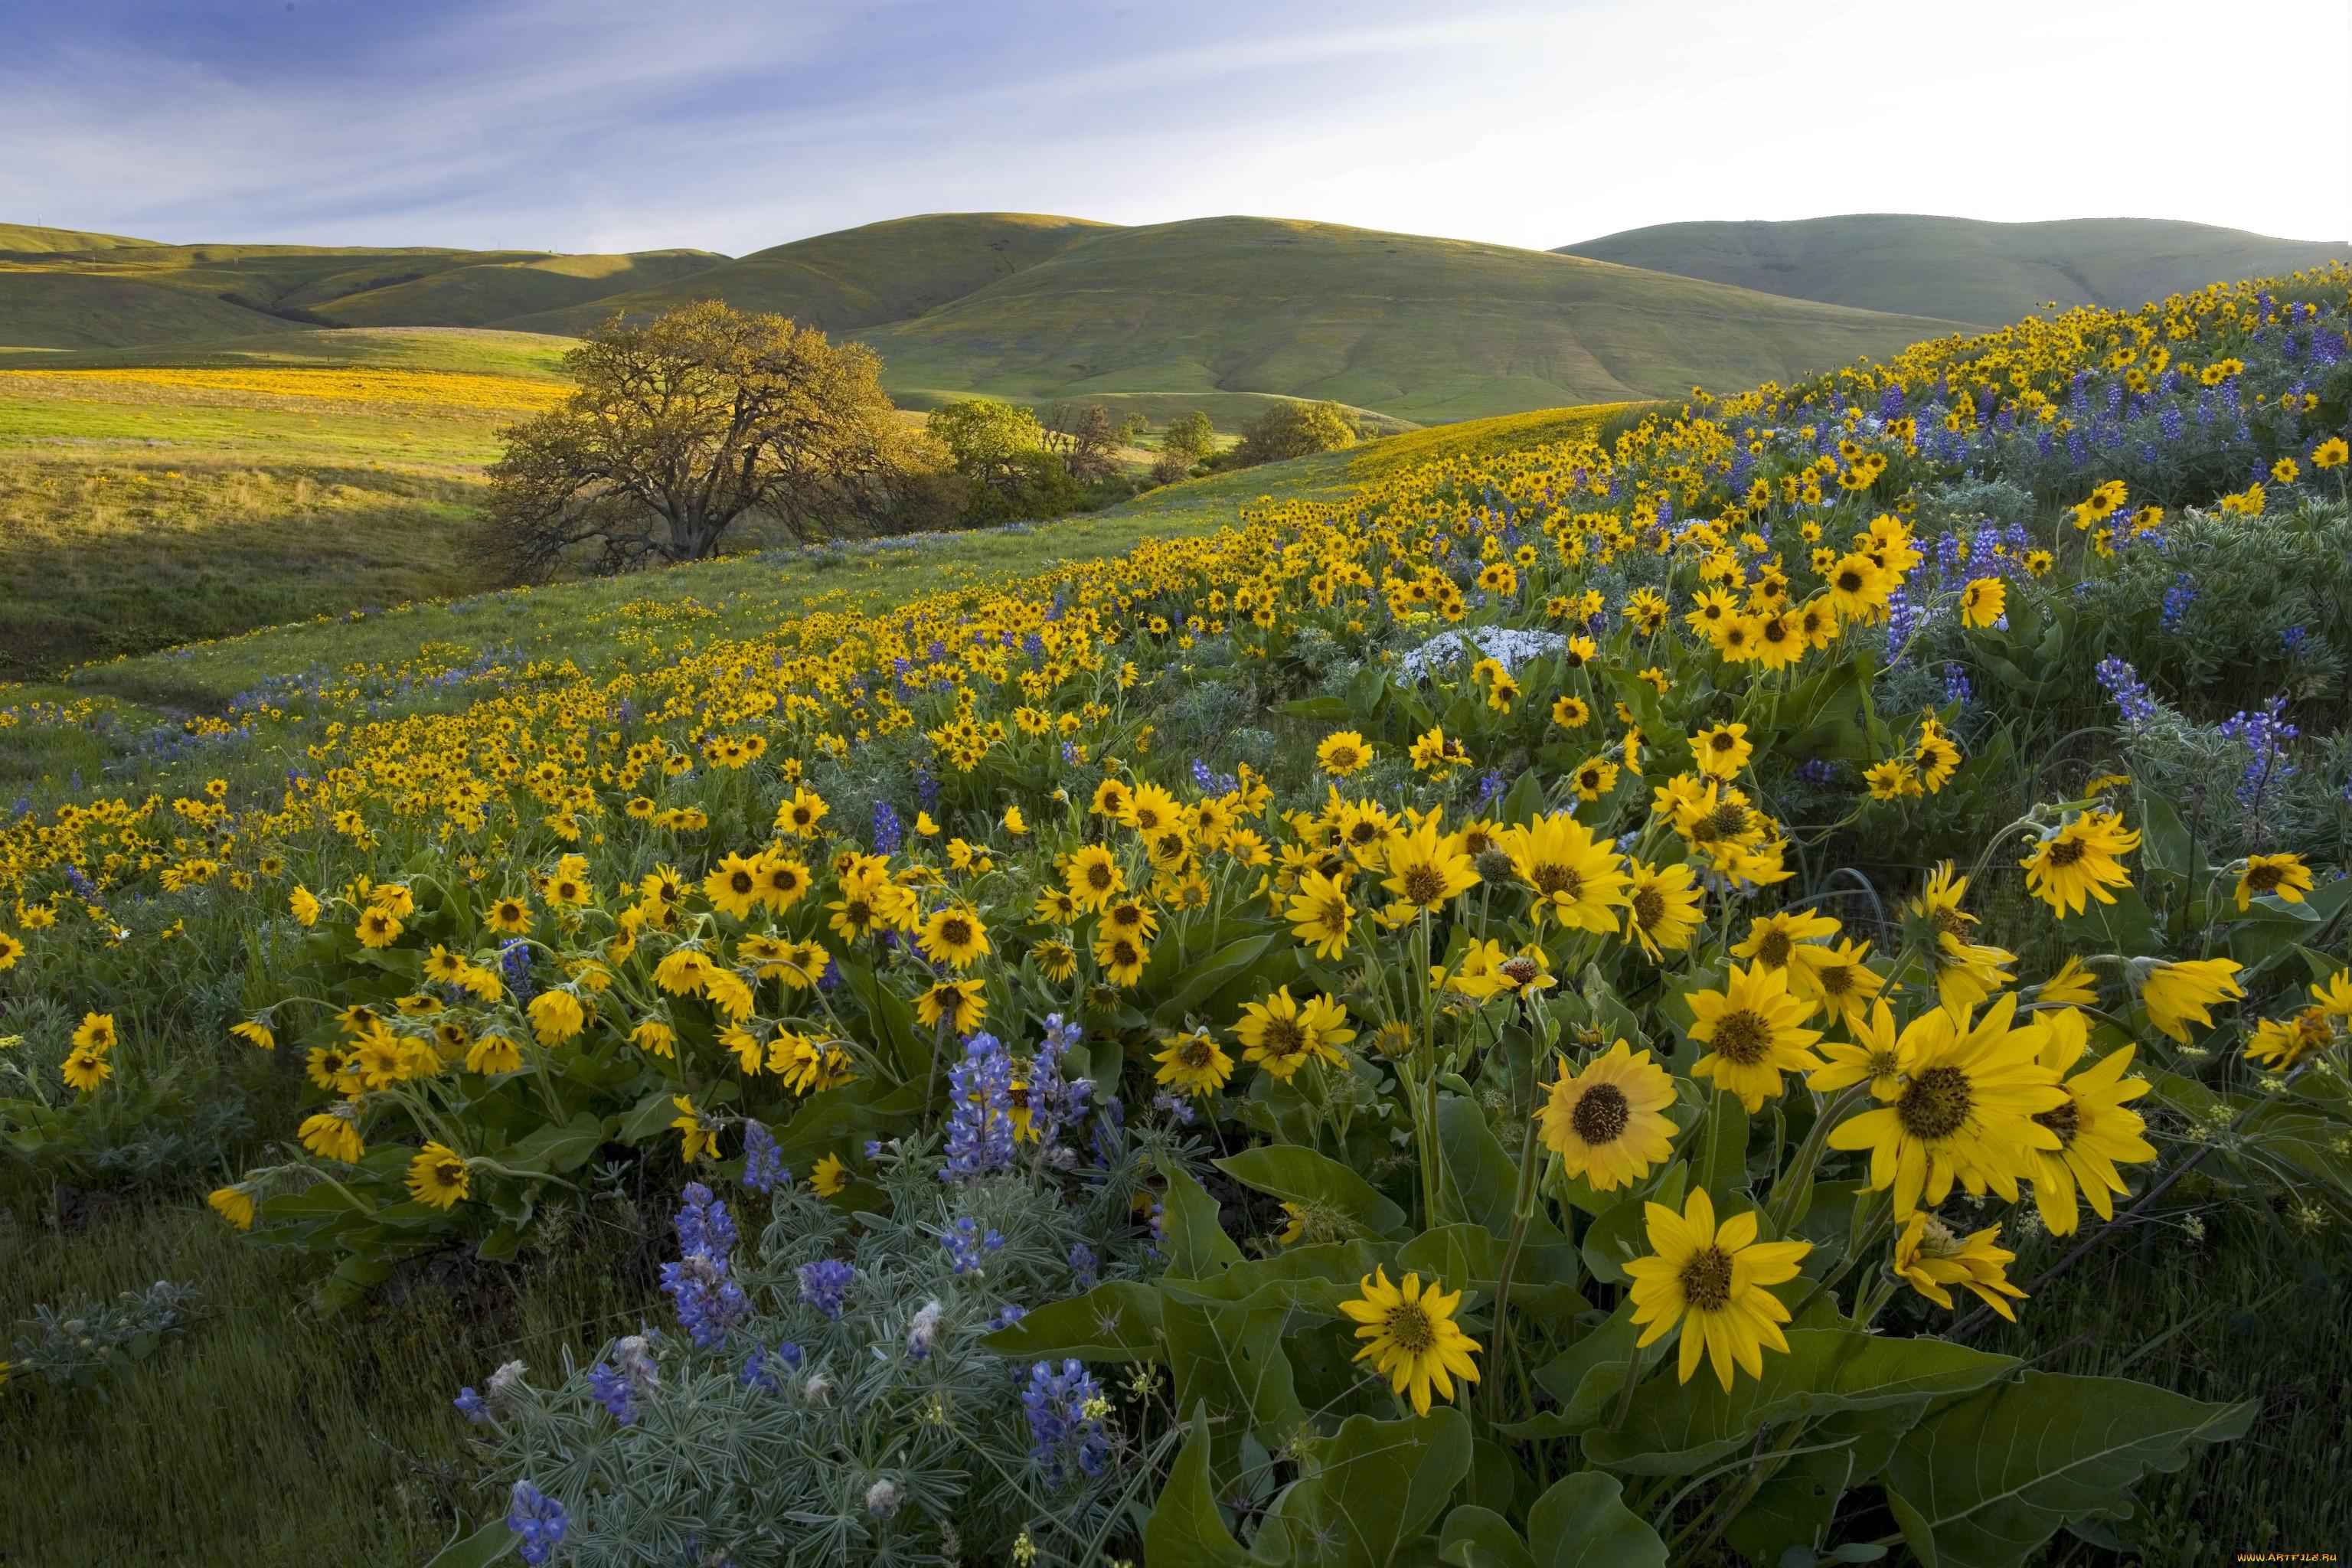 картинки полевые цветы и подсолнухи понятно почему